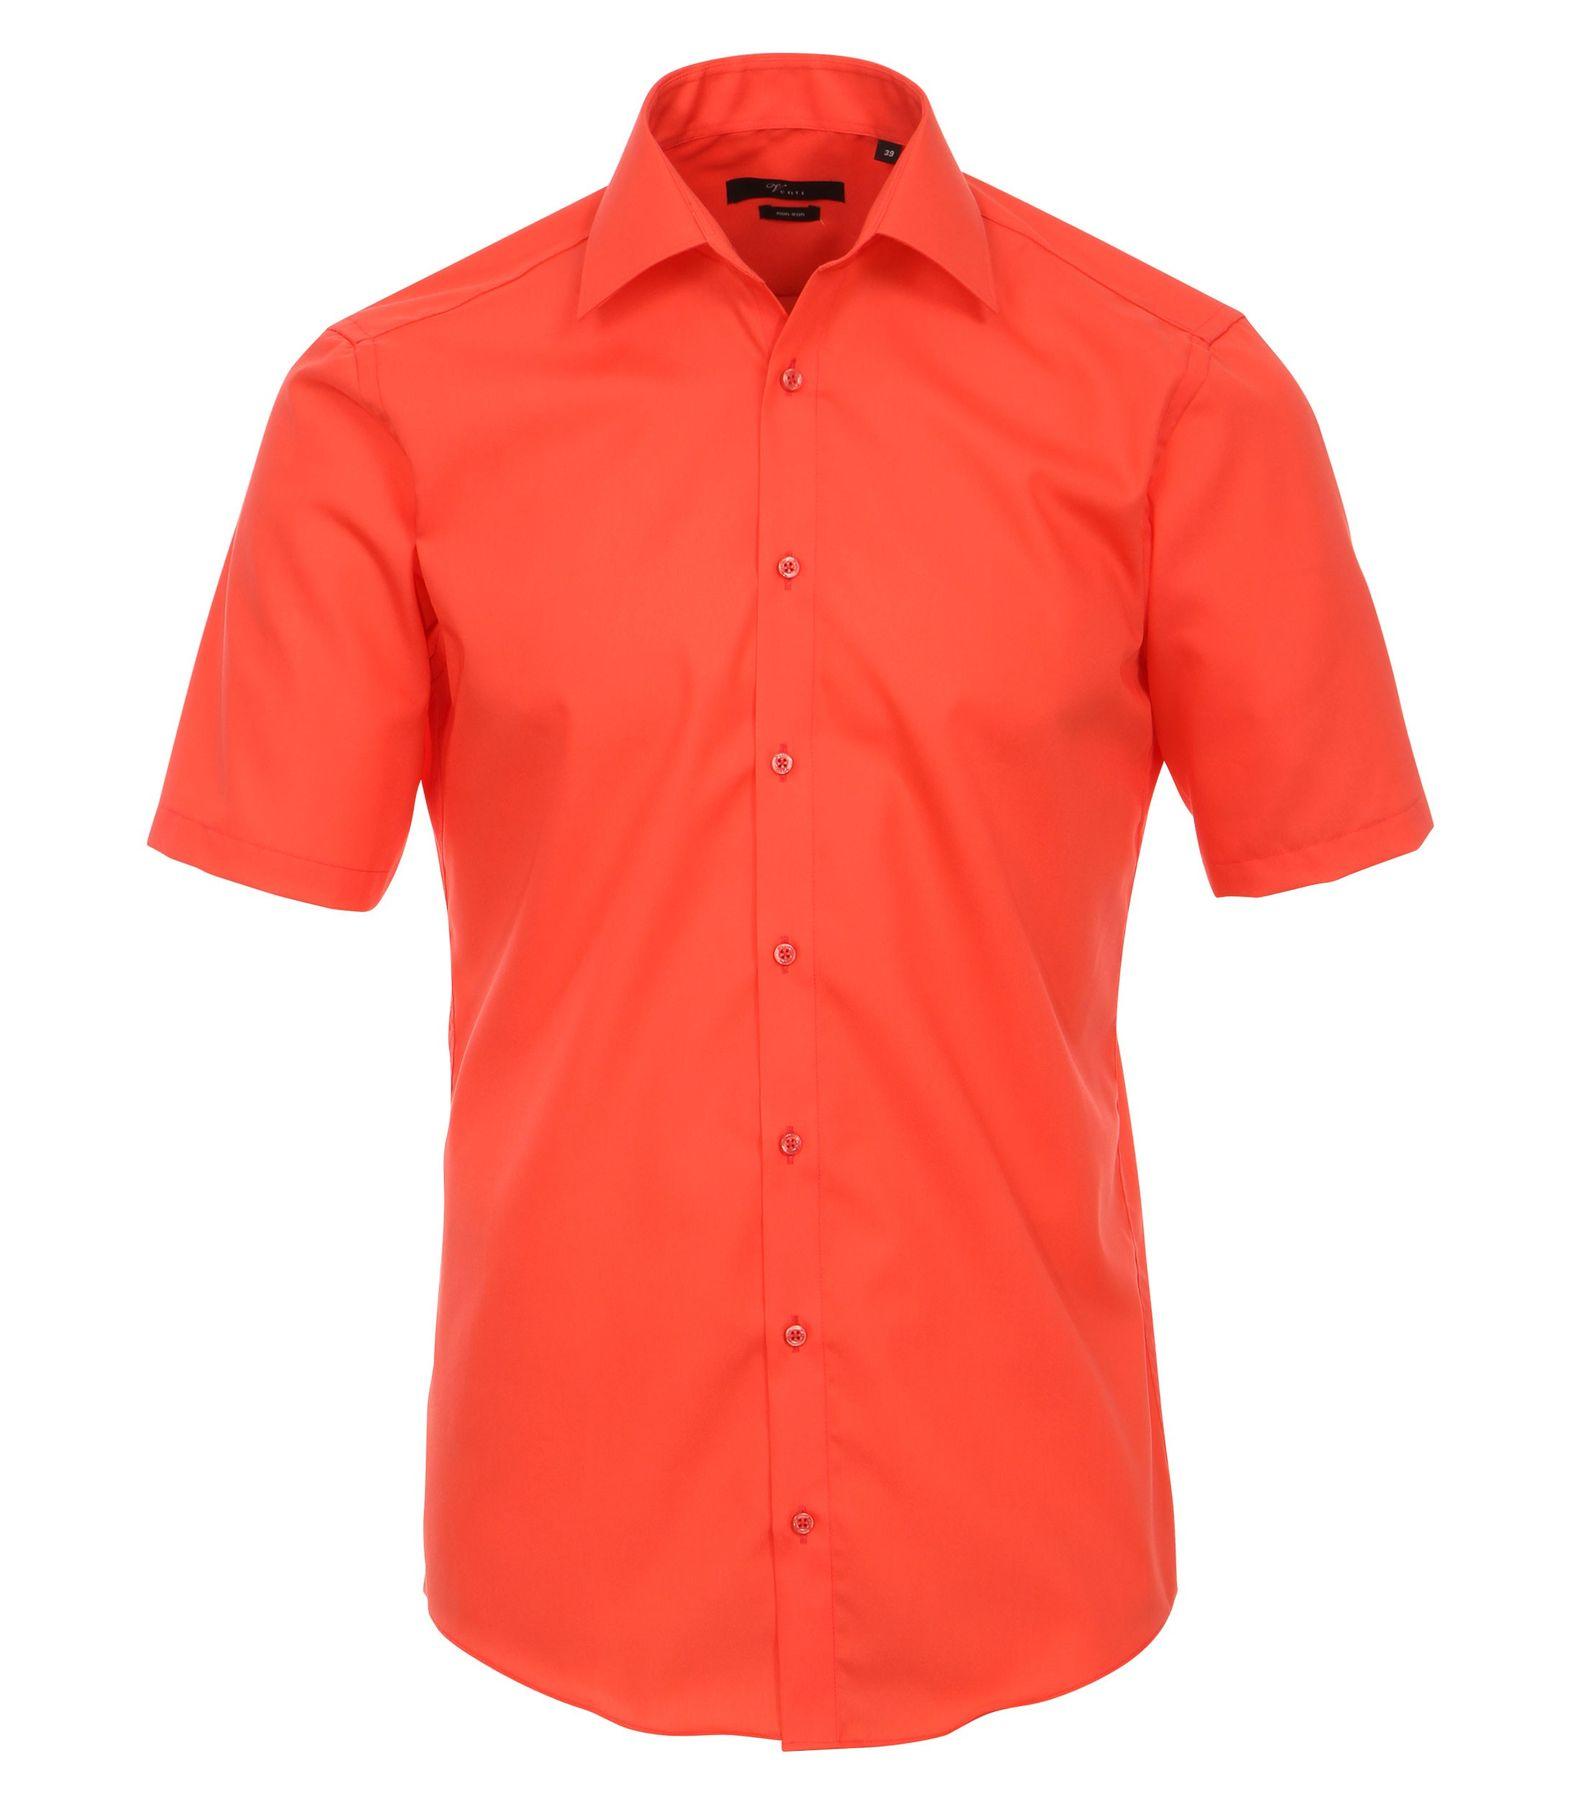 Venti - Slim Fit - Bügelfreies Herren Kurzarm Hemd in diversen Farben (001620 A) – Bild 2